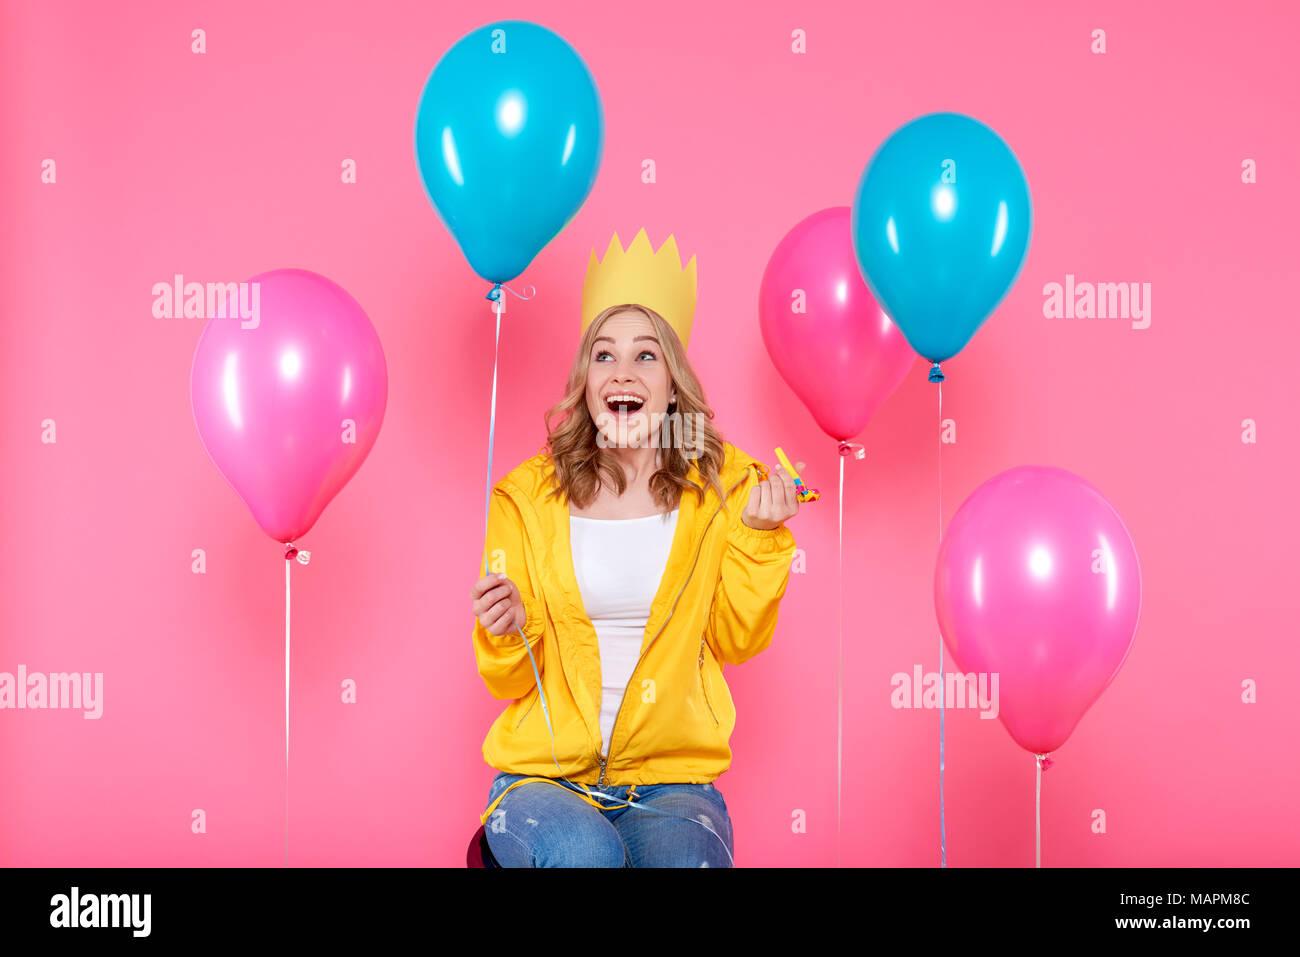 Funny Girl en el sombrero de cumpleaños, globos y erupción cuerno sobre fondo de color rosa pastel. Moda atractiva adolescente celebrando un cumpleaños. Imagen De Stock